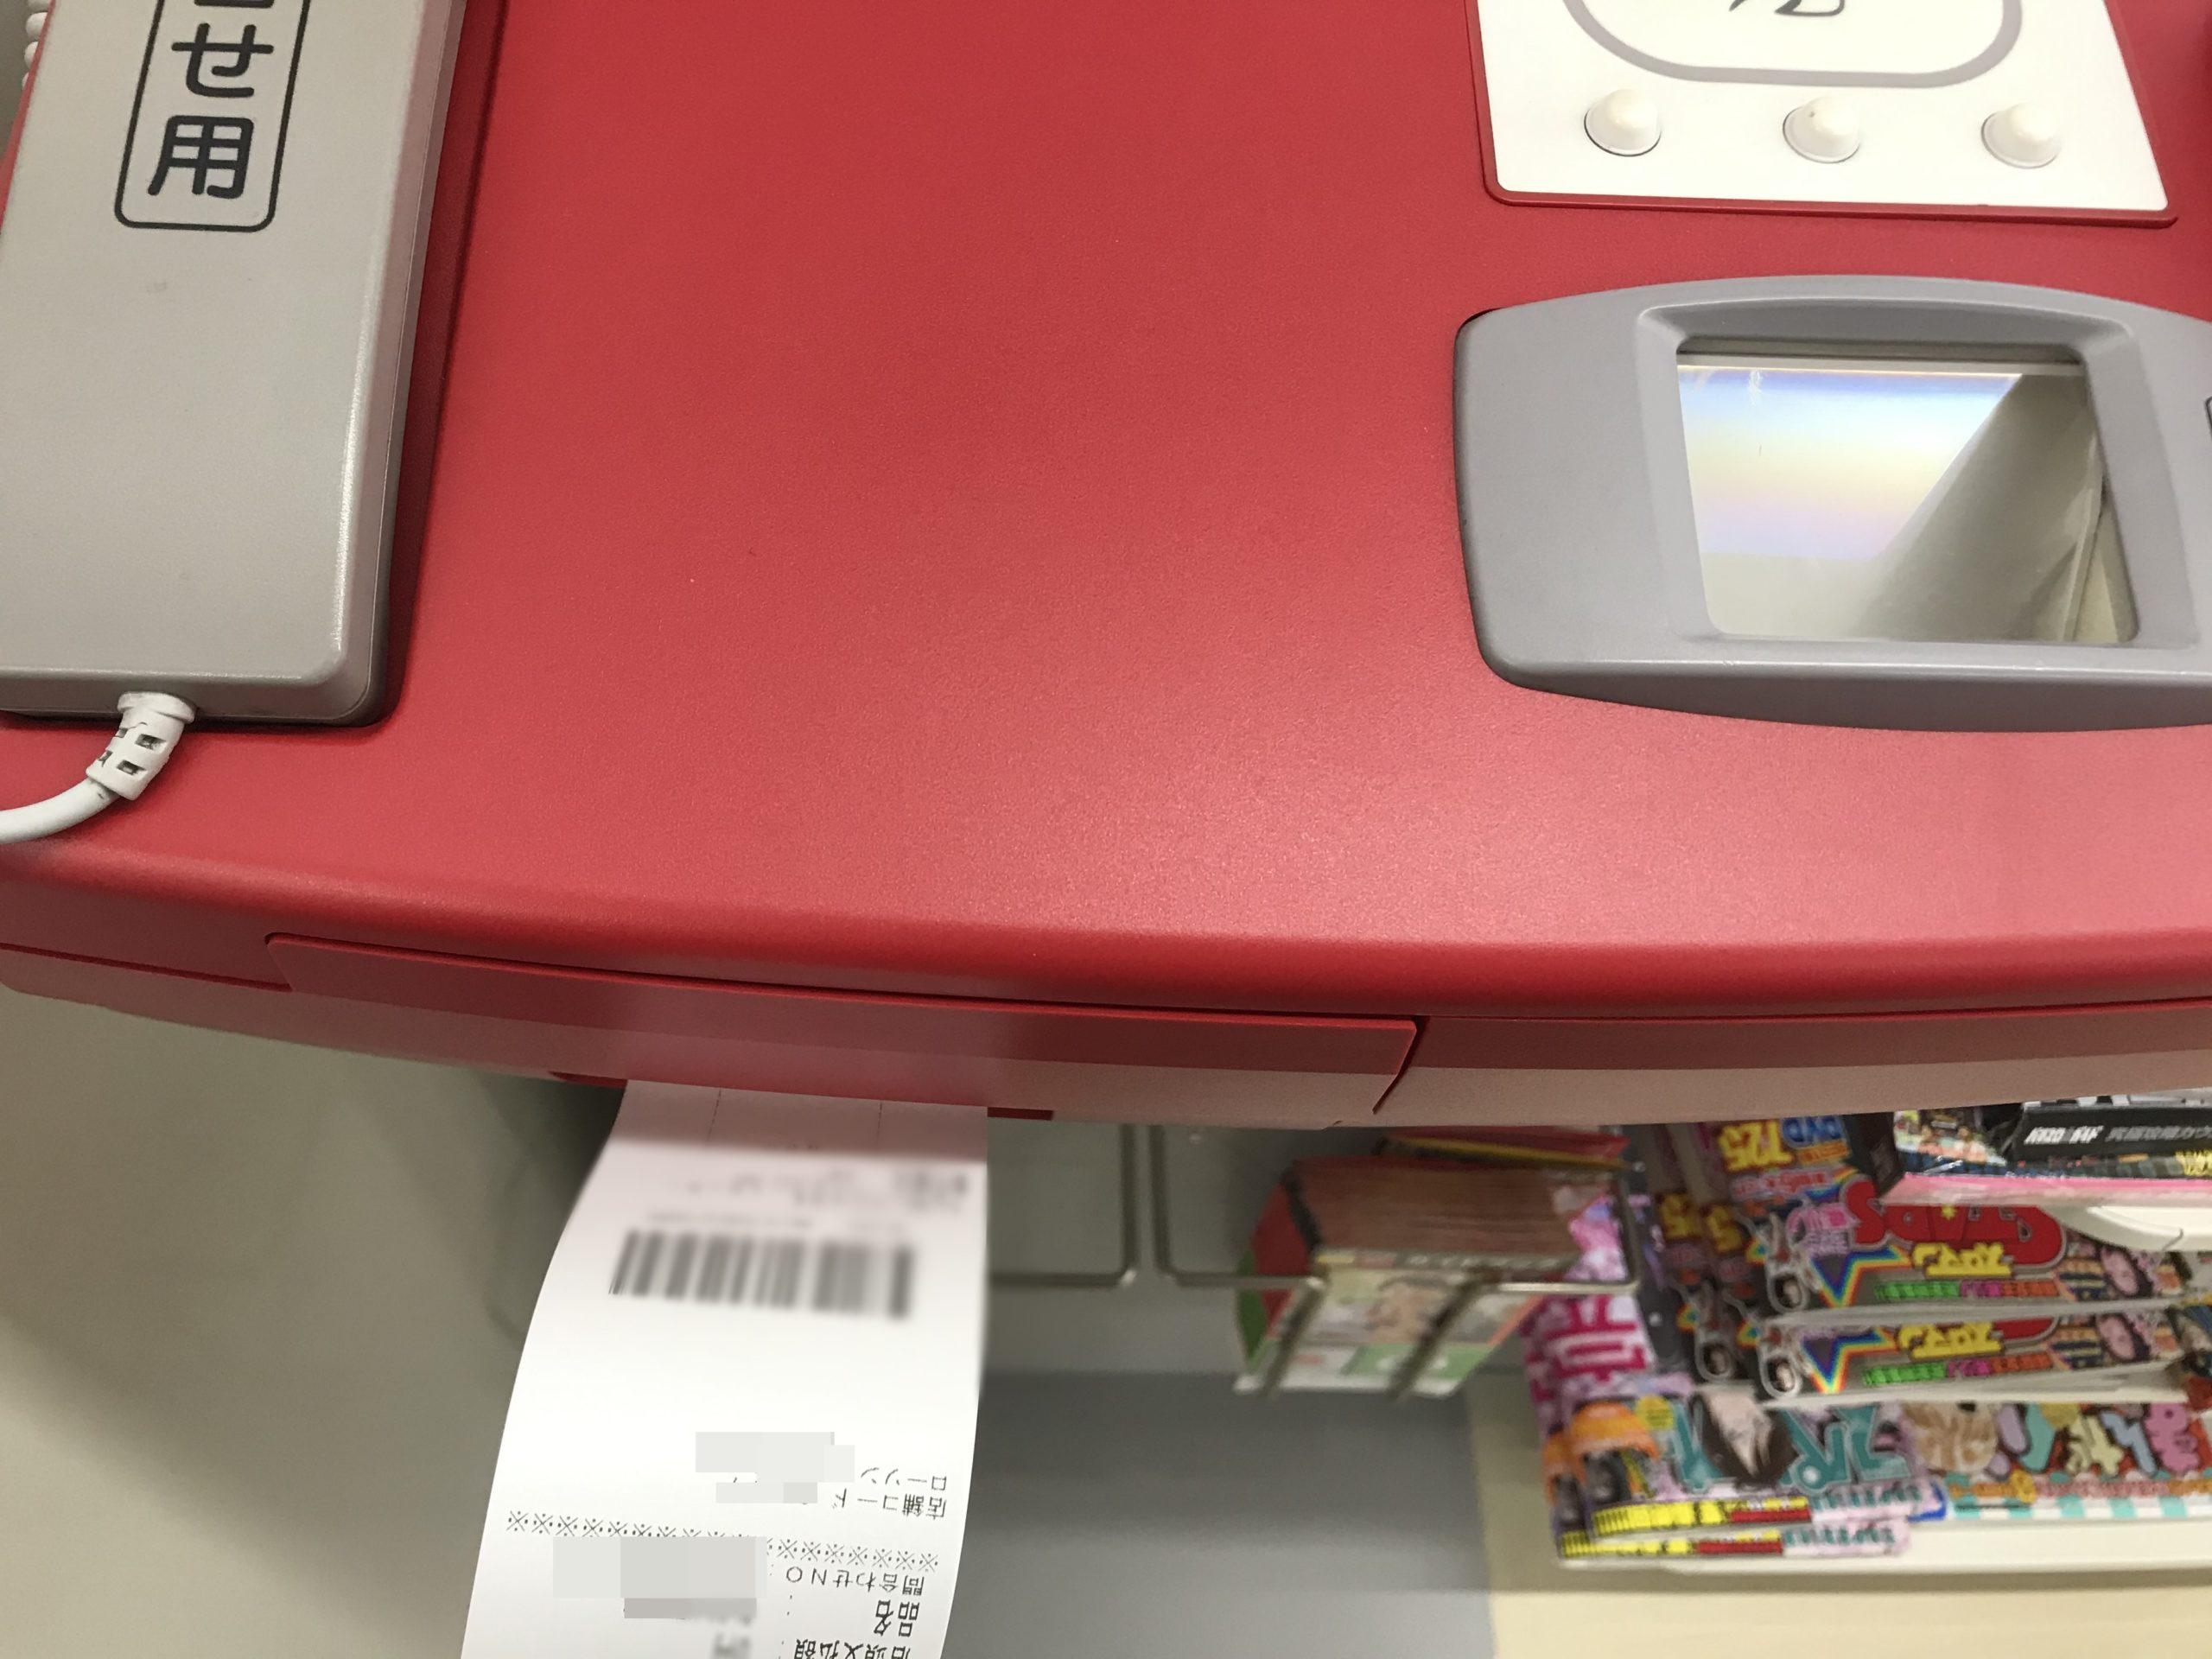 ゆうゆうメルカリ便 郵便局での発送のやり方